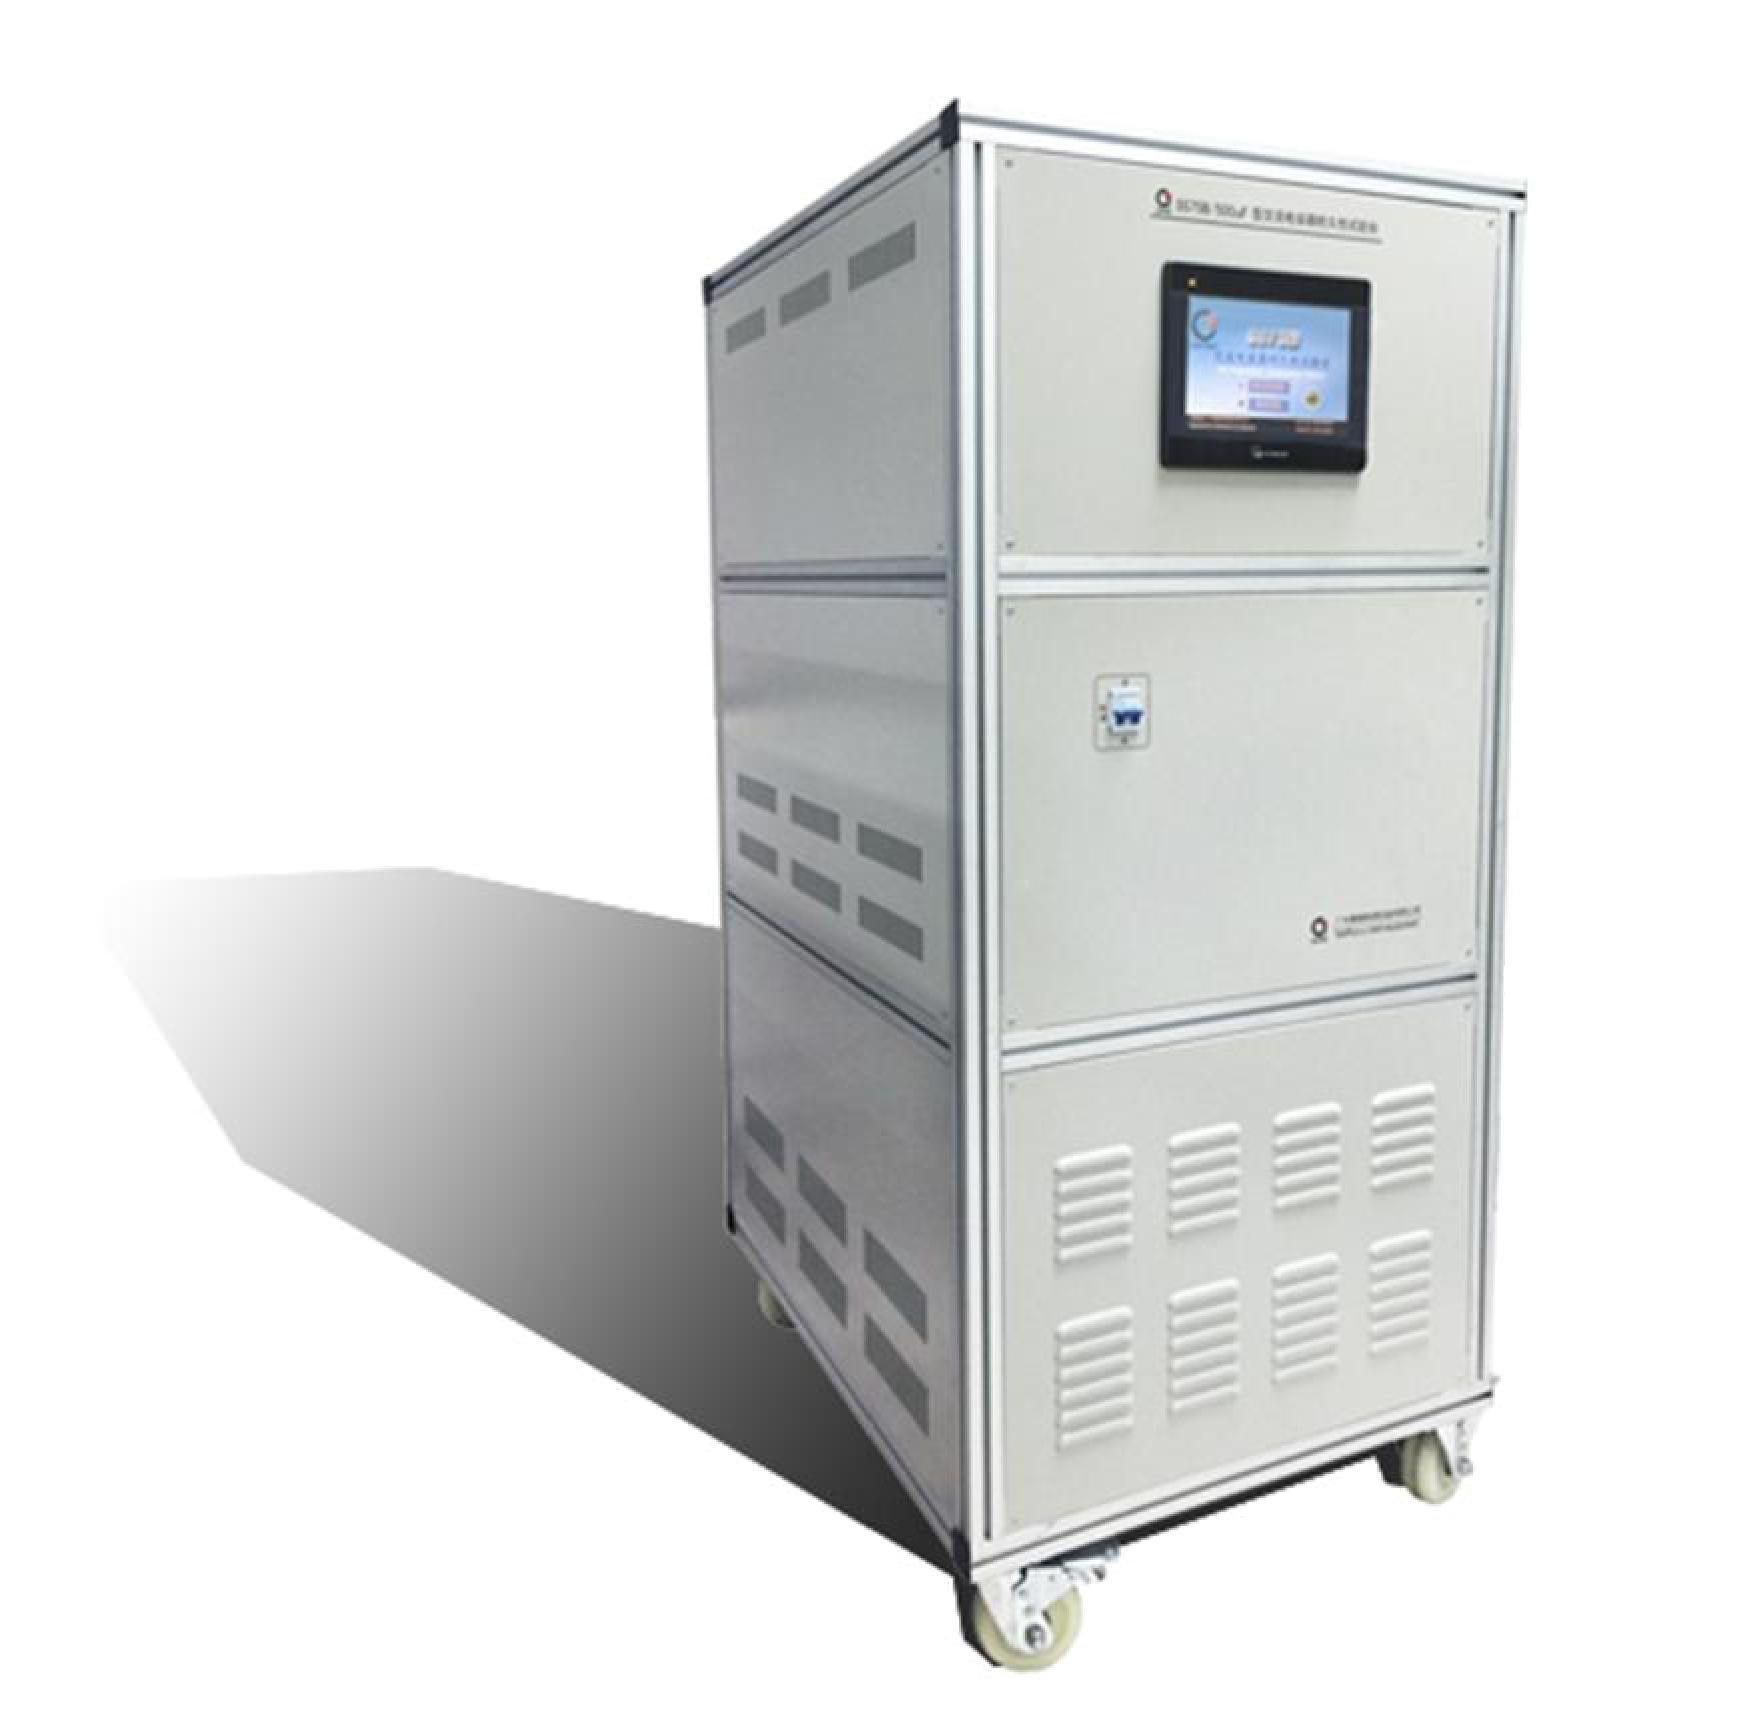 55XX 系列交流电容器耐久性试验设备